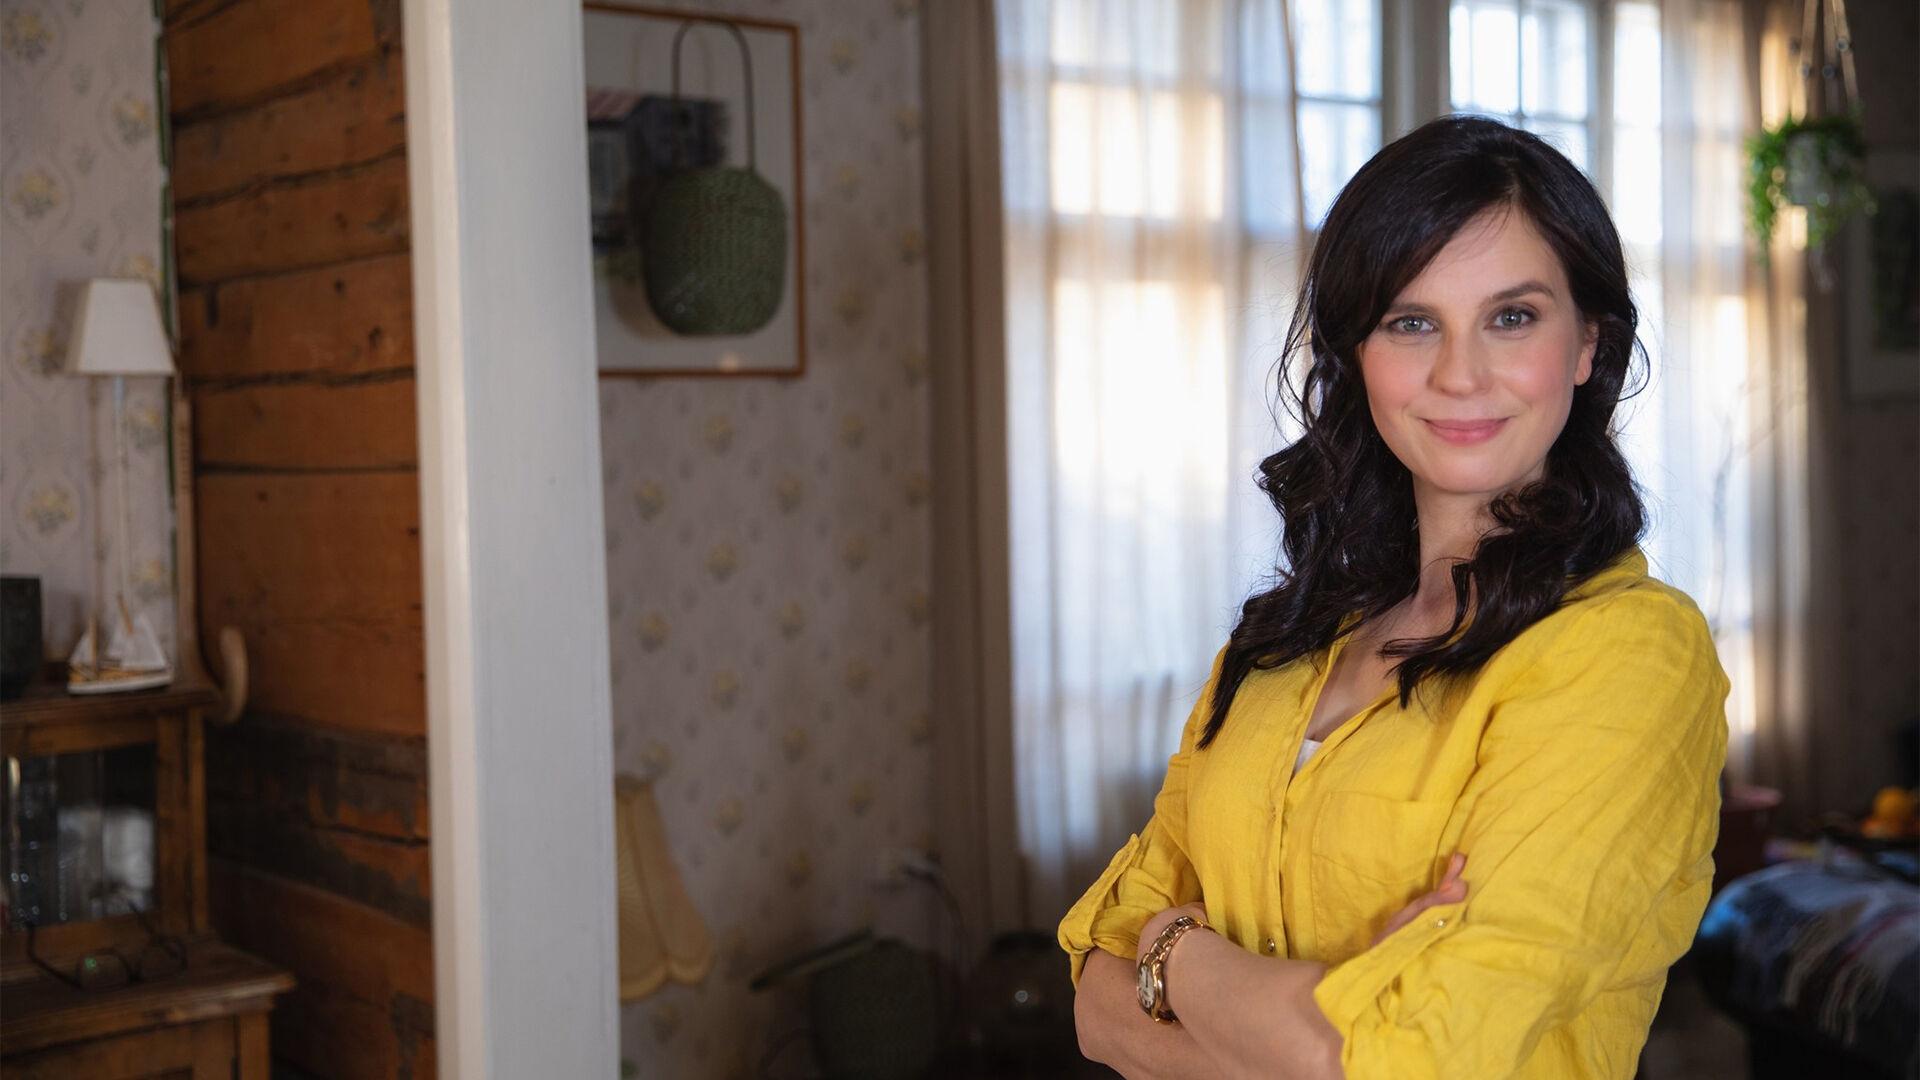 Näyttelijä Olga Temonen pääsi laserleikkauksen avulla eroon silmälaseista